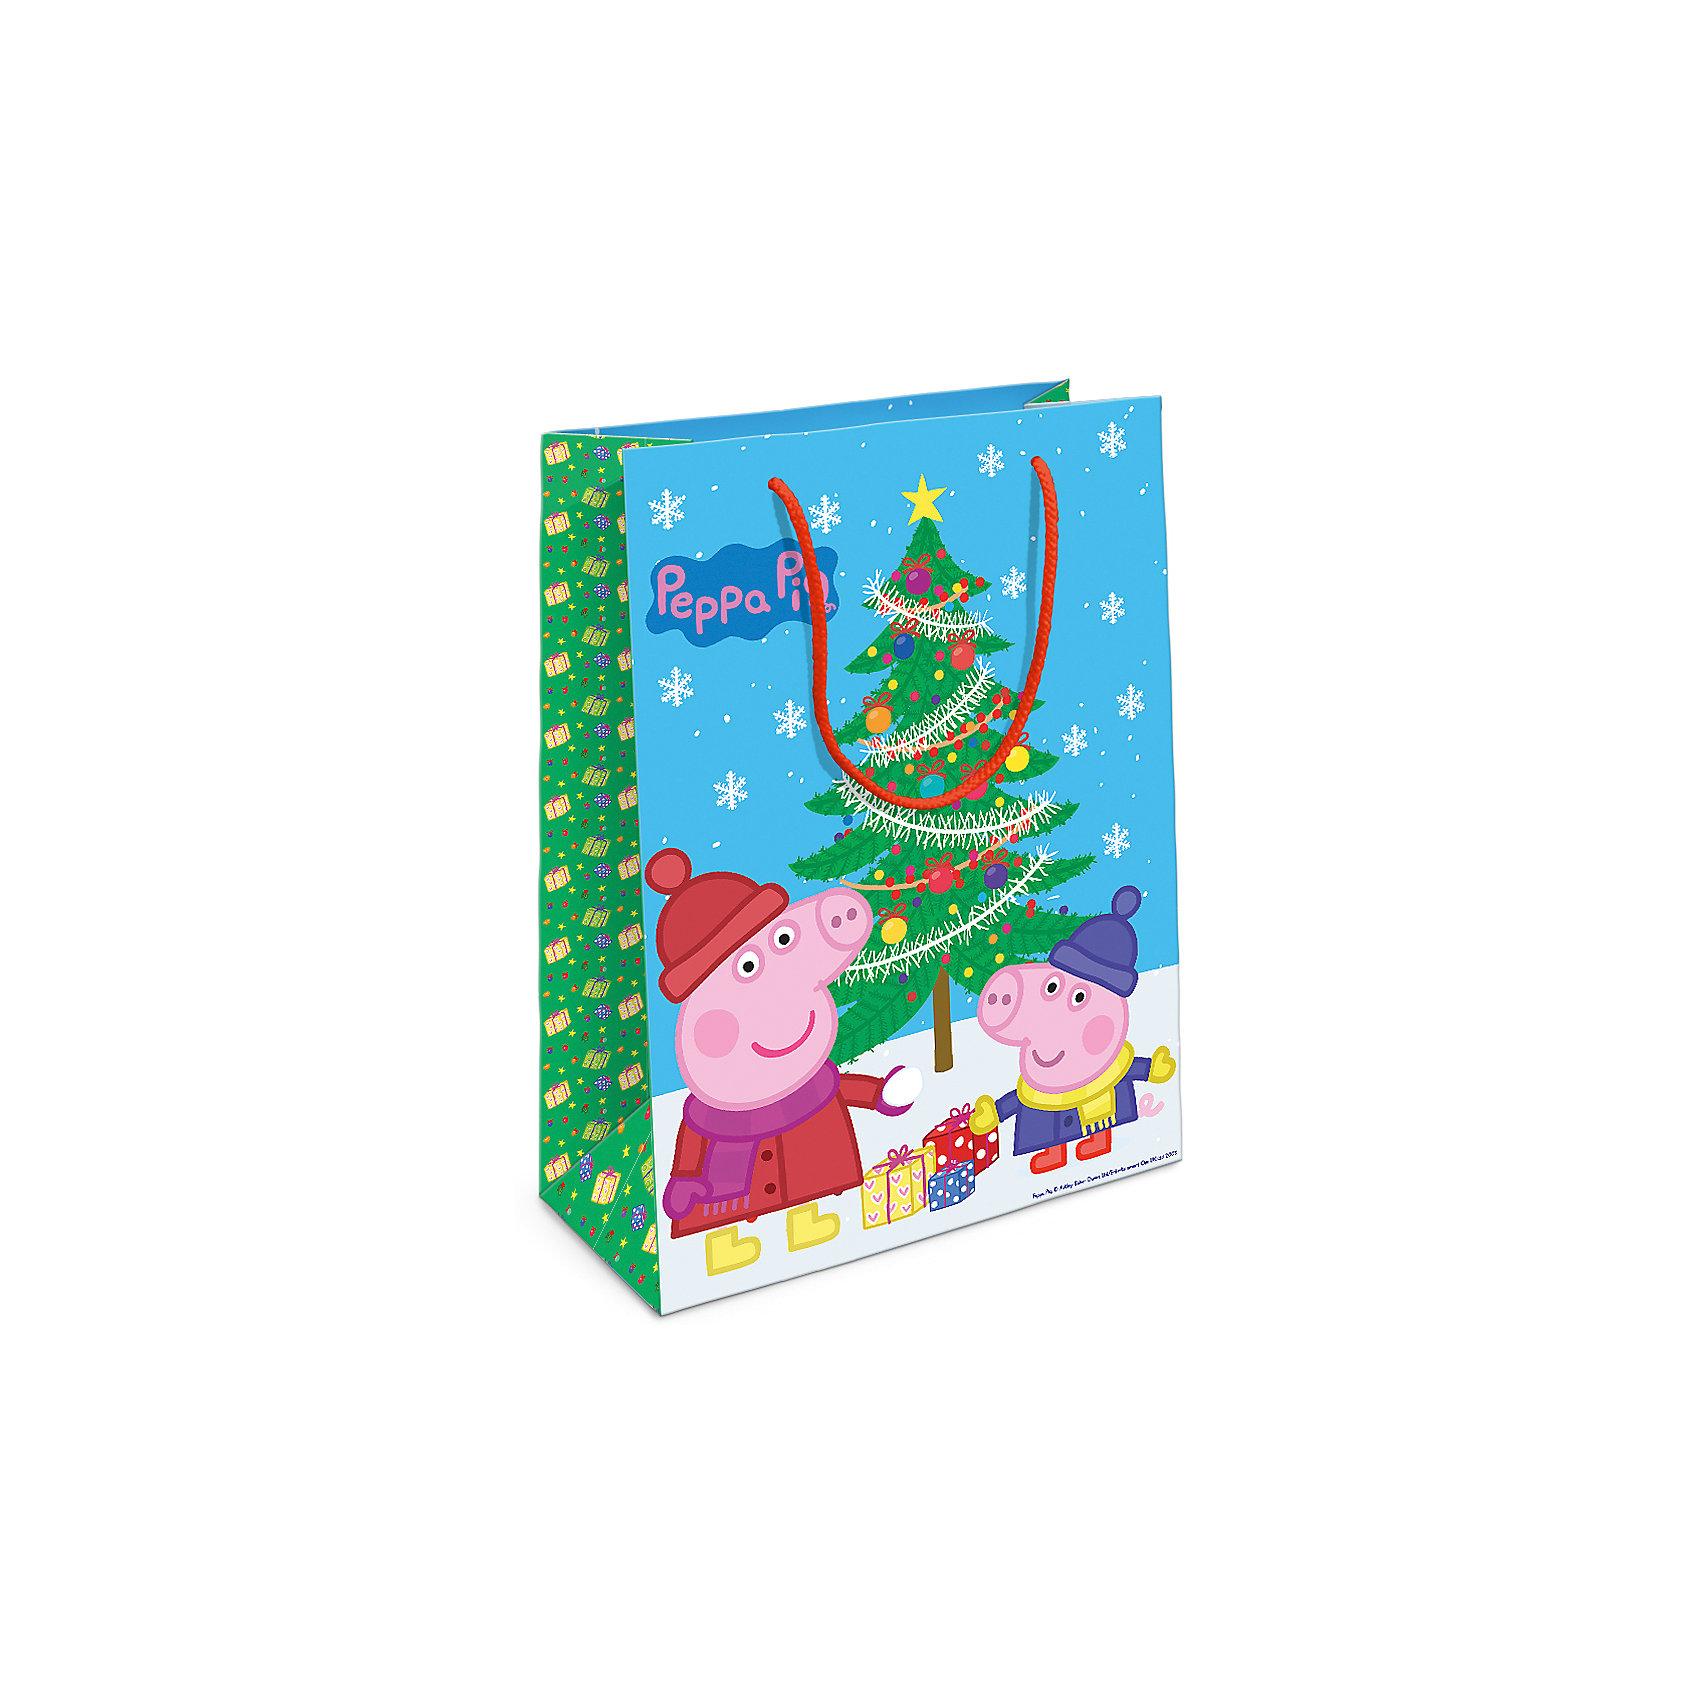 Пакет подарочный Пеппа и елка 350*250*90Детские подарочные пакеты<br>Порадуйте малыша новогодним подарком! А красивый подарочный пакет «Пеппа и ёлка» с забавными героями мультфильма «Свинка Пеппа» станет его эффектным дополнением. Размер бумажного подарочного пакета: 35х25х9 см.<br><br>Ширина мм: 350<br>Глубина мм: 250<br>Высота мм: 3<br>Вес г: 41<br>Возраст от месяцев: 36<br>Возраст до месяцев: 120<br>Пол: Унисекс<br>Возраст: Детский<br>SKU: 5016463